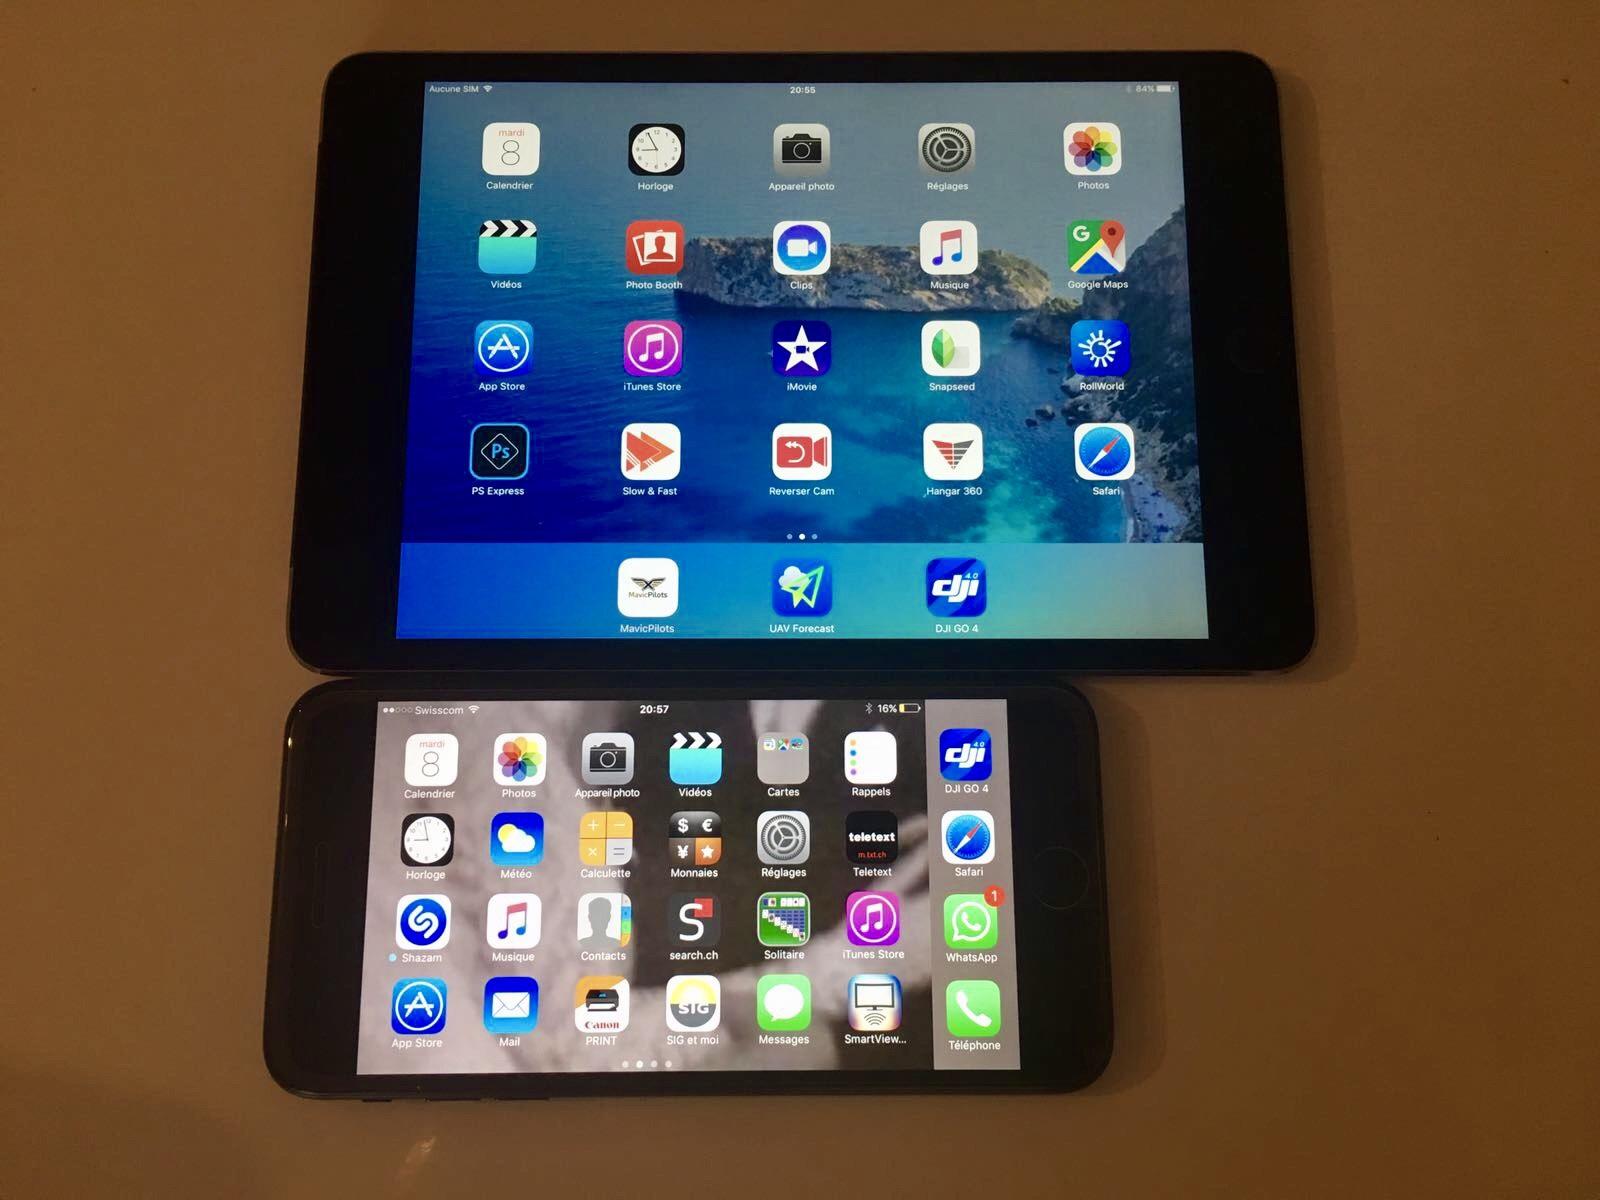 Buy Ipad Min 4 Or Keep 7 Plus Dji Mavic Drone Forum